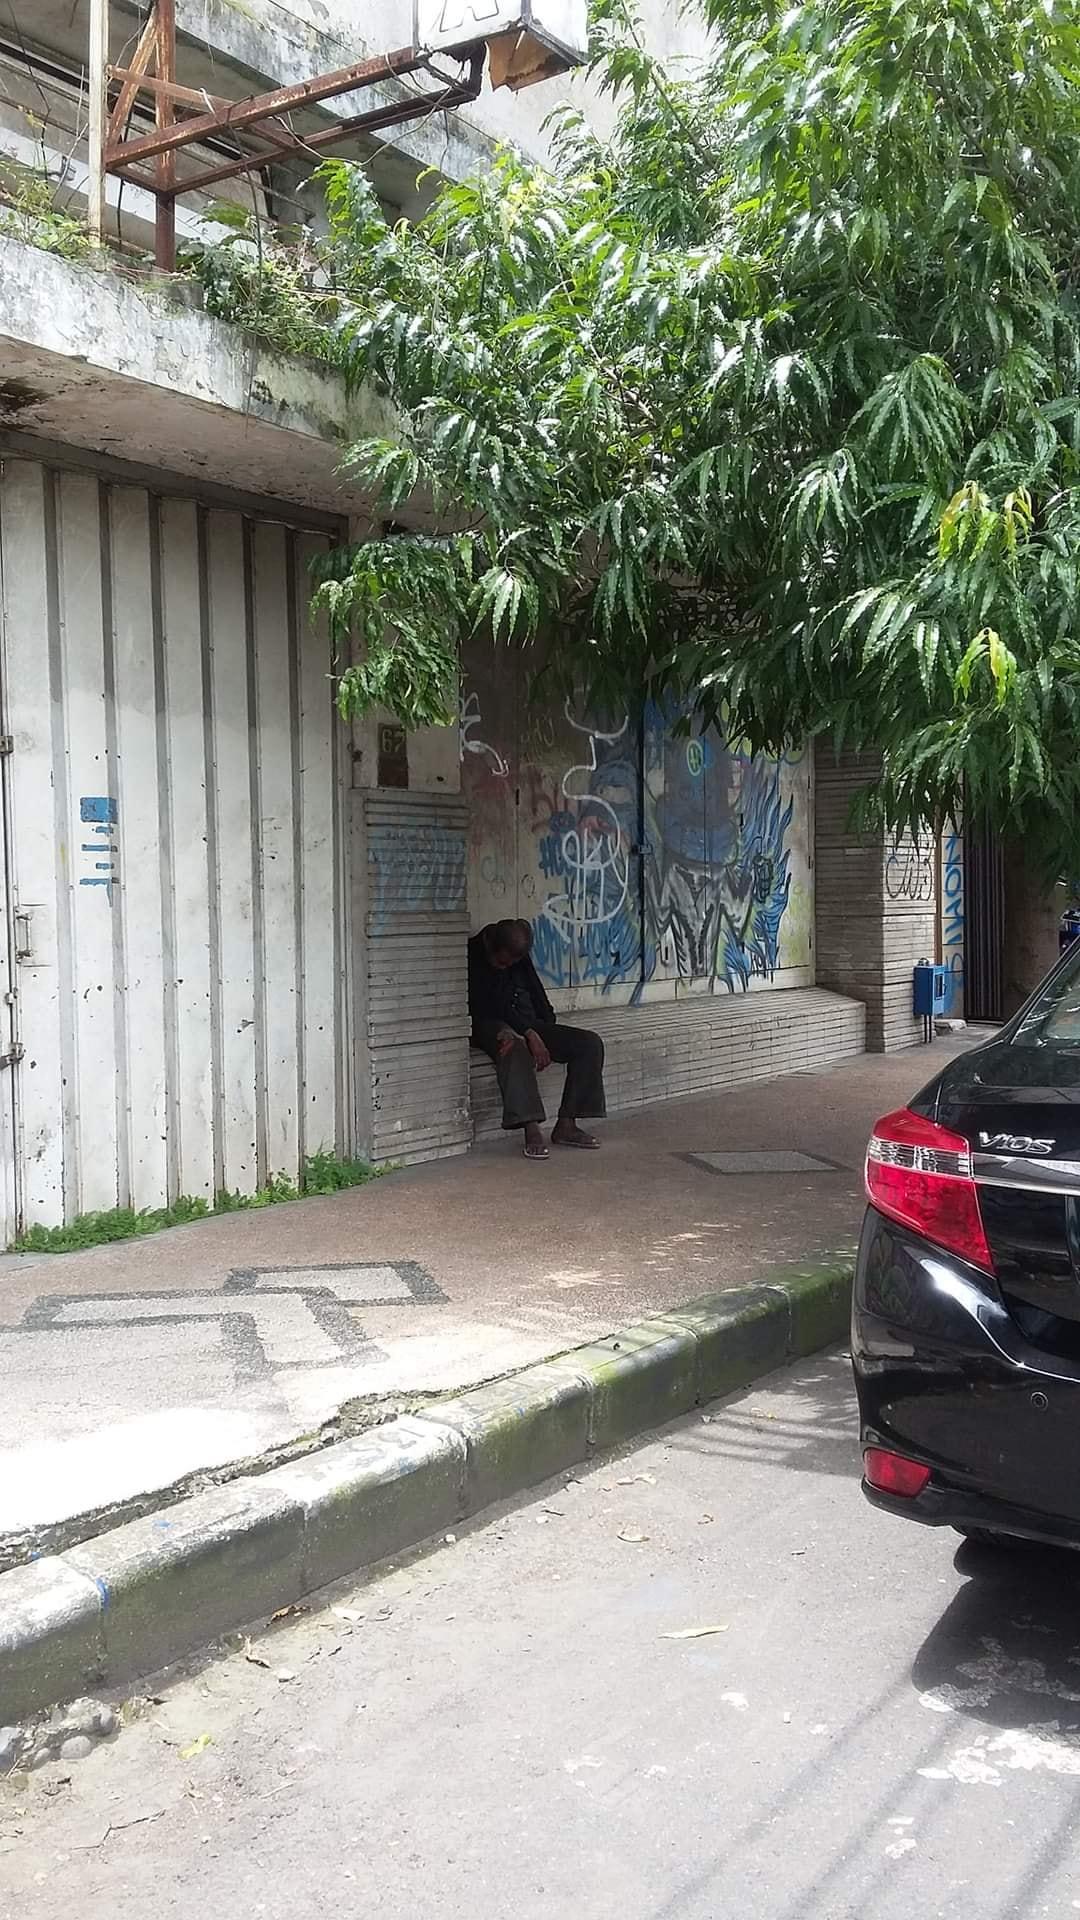 Pria yang disebut bernama Arifin di Malang, Jawa Timur ini selalu menunggu kekasihnya sejak tahun 1970-an. Kini ia sudah meninggal dunia. (Facebook Muhammad Nur Yusron)